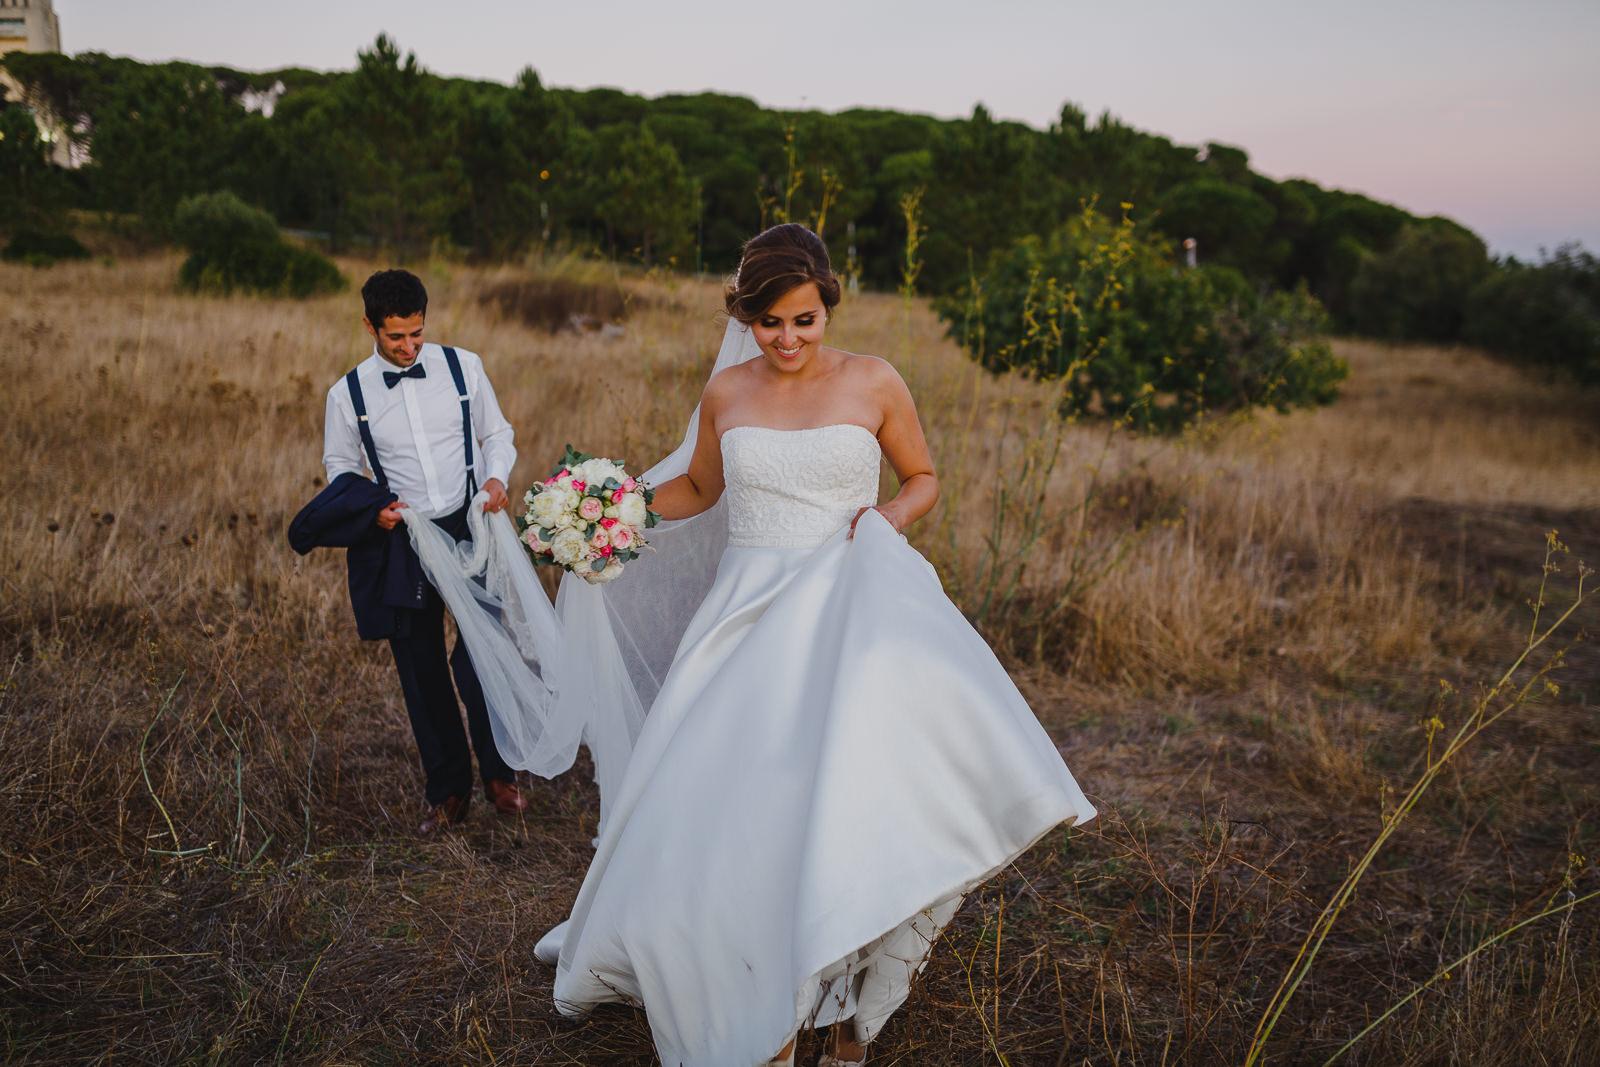 casamento_lisboa_alentejo_quinta_da_cilha_065.jpg